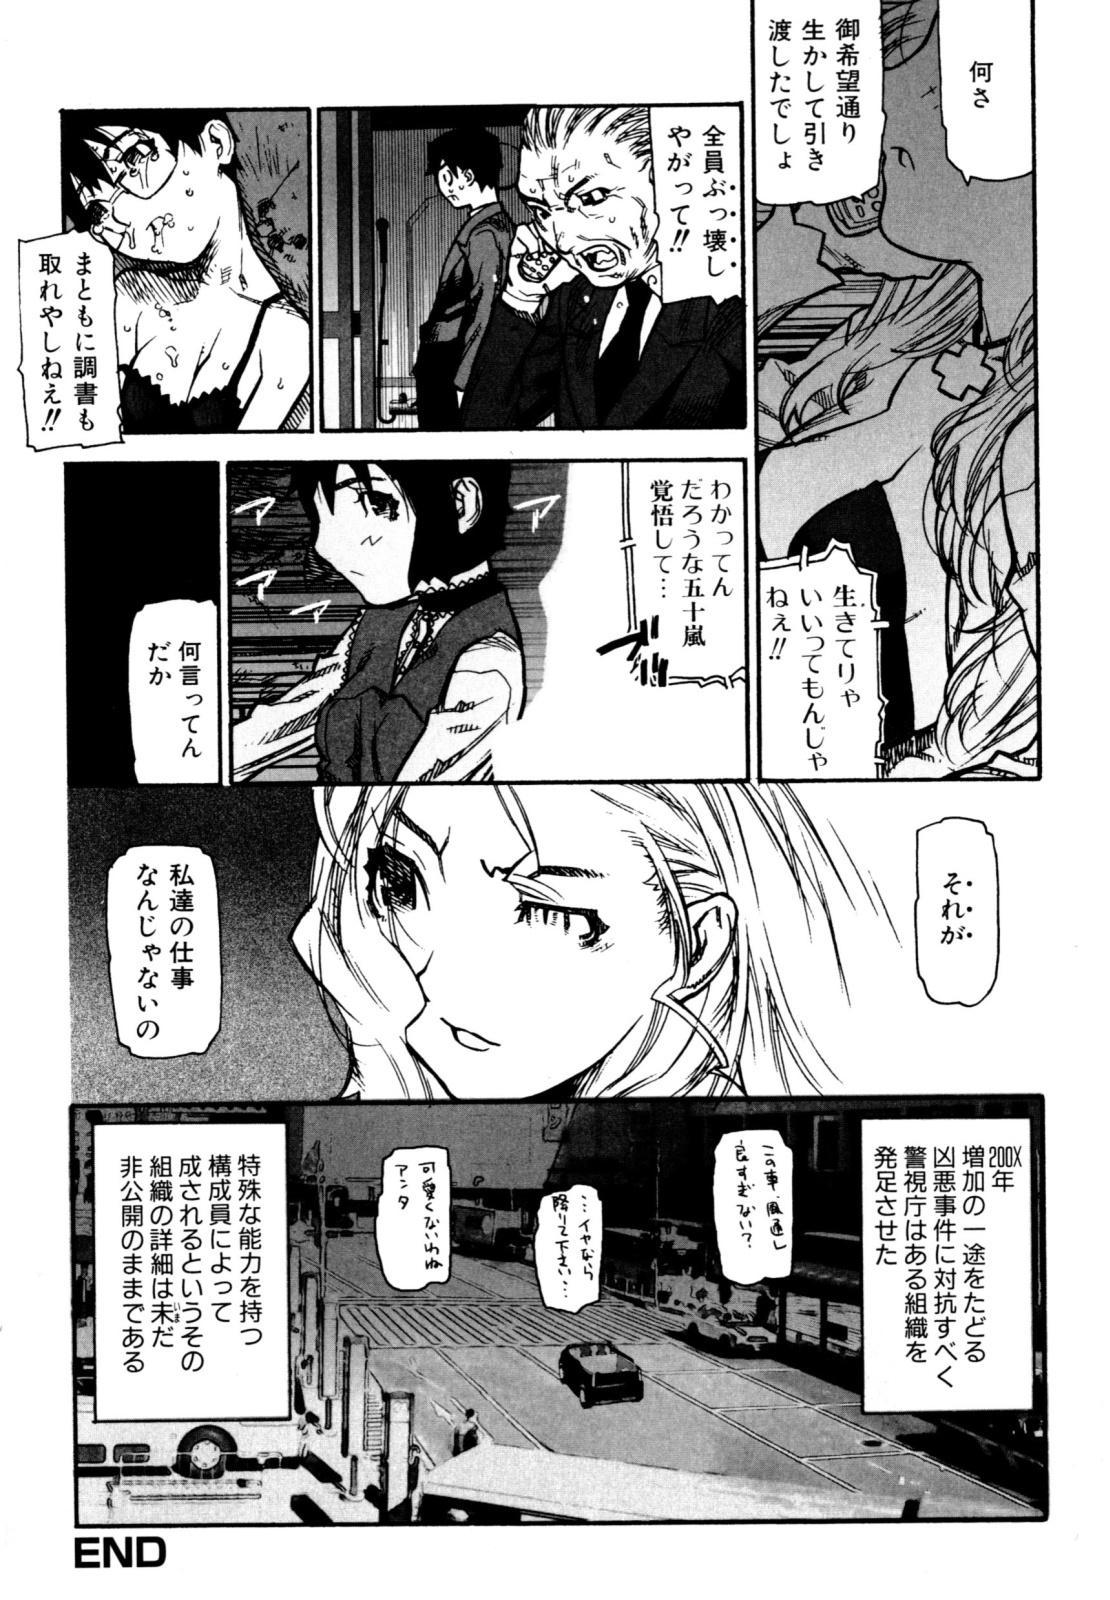 Fukuro no Nakami 167